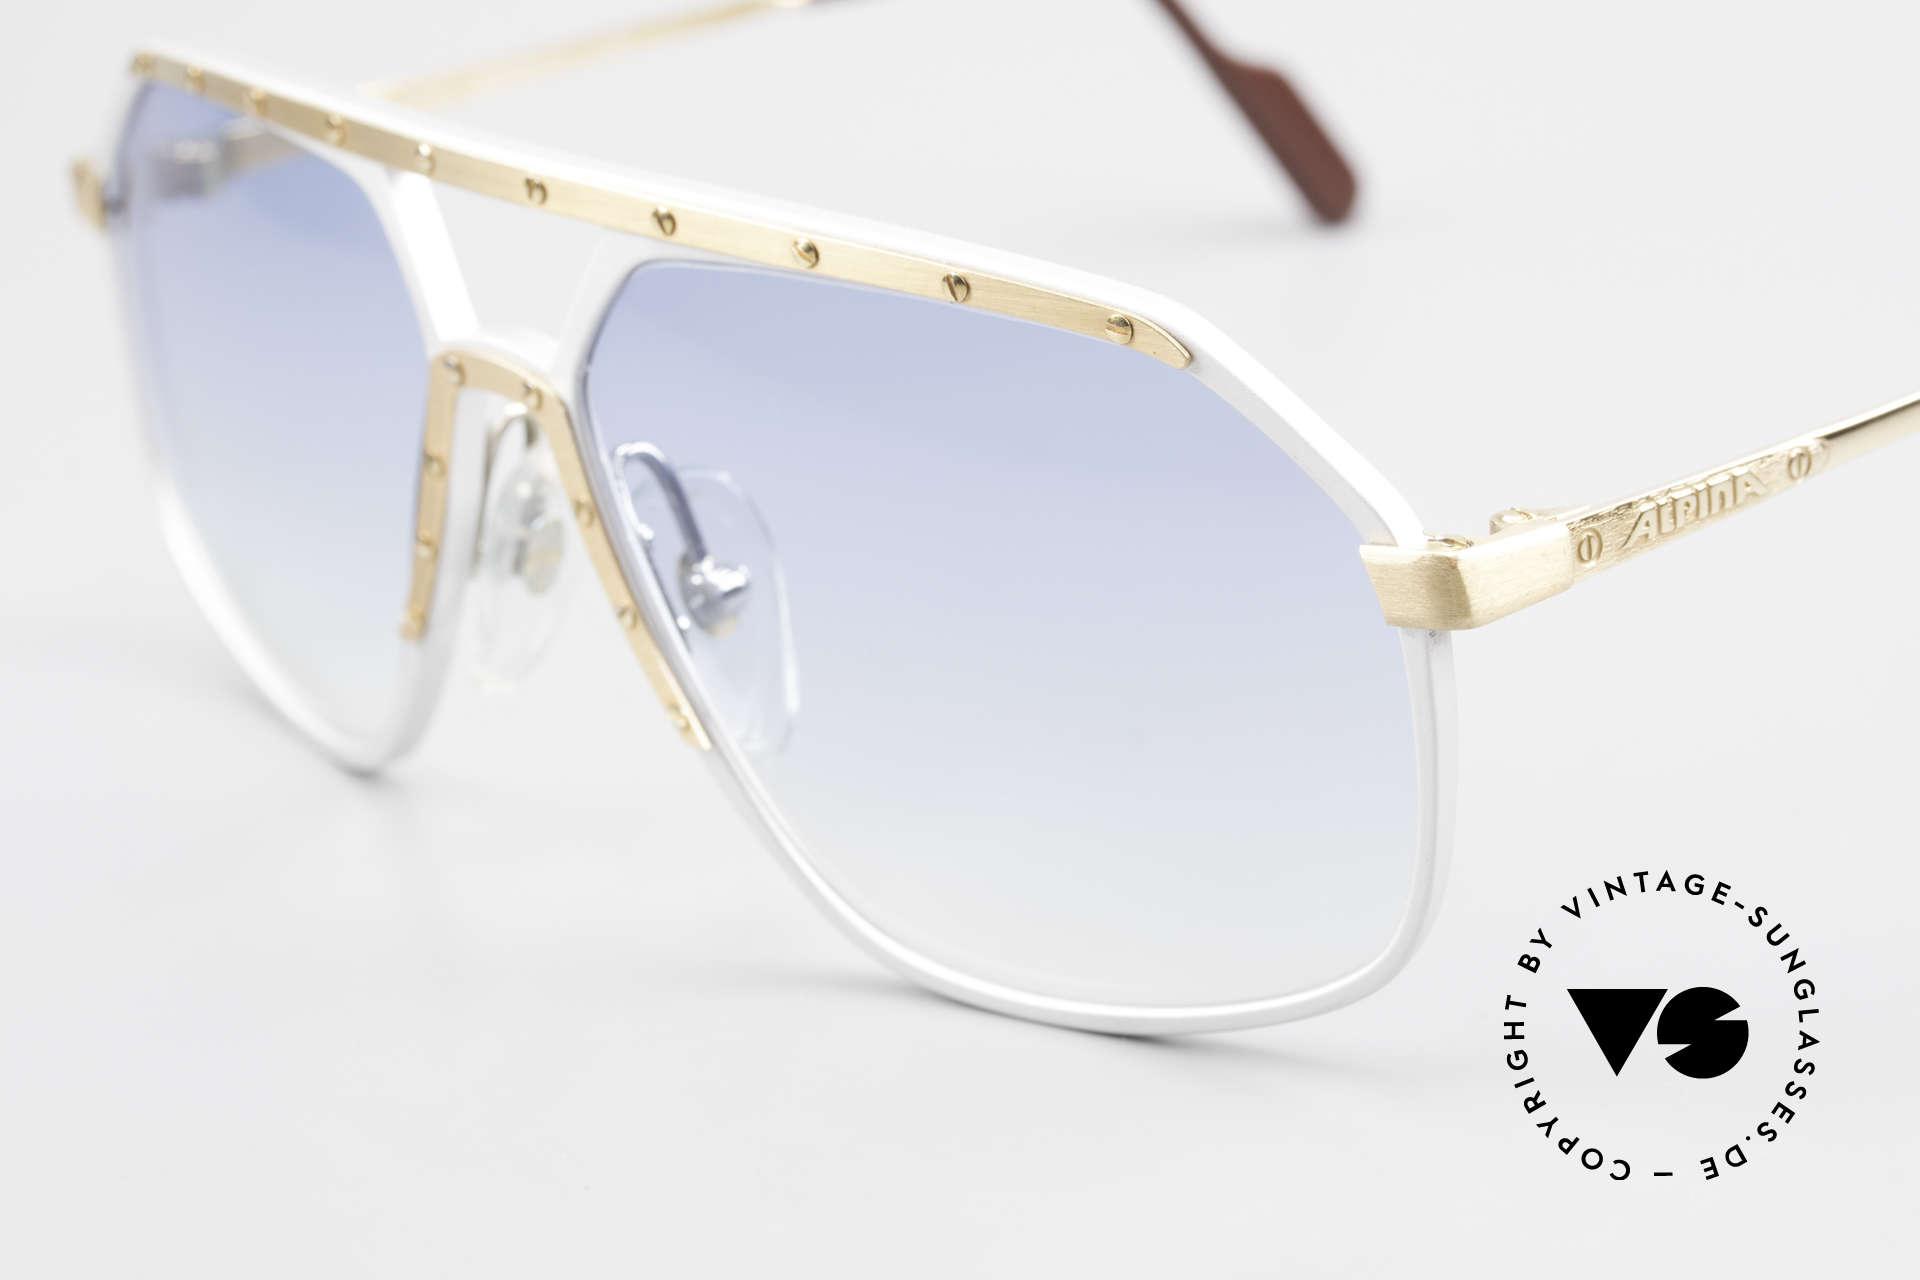 Alpina M6 80er Sonnenbrillen Klassiker, handgefertigt; entsprechend kostbar und hochwertig, Passend für Herren